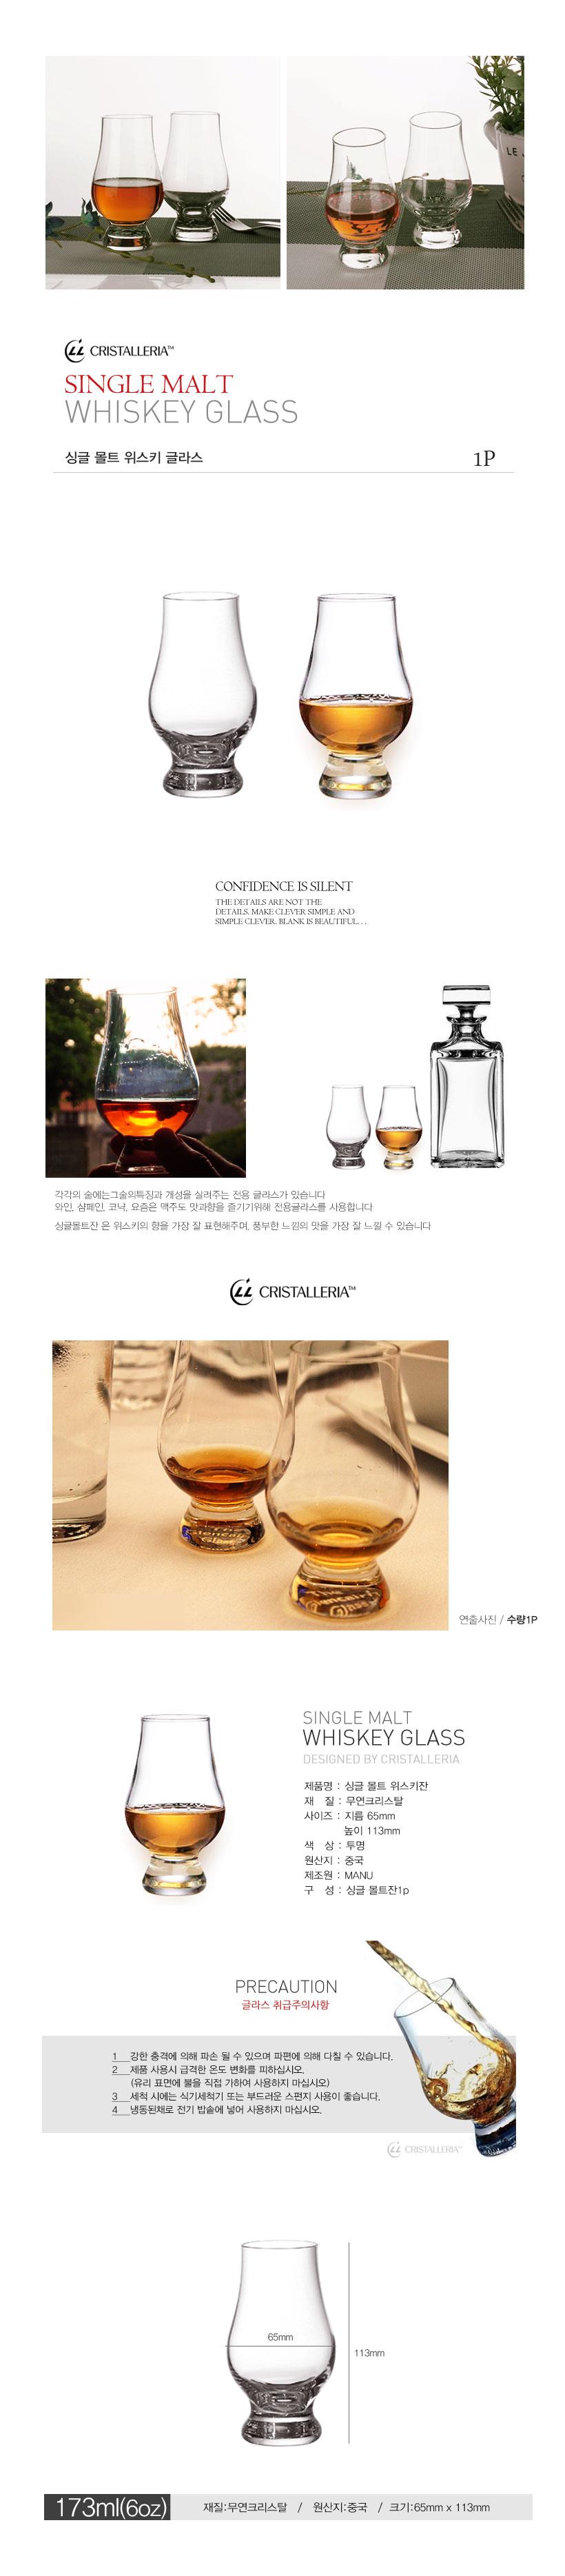 싱글 몰트 위스키잔(single malt whiskey) 1P - 재미있는생활, 5,000원, 유리컵/술잔, 양주/위스키잔